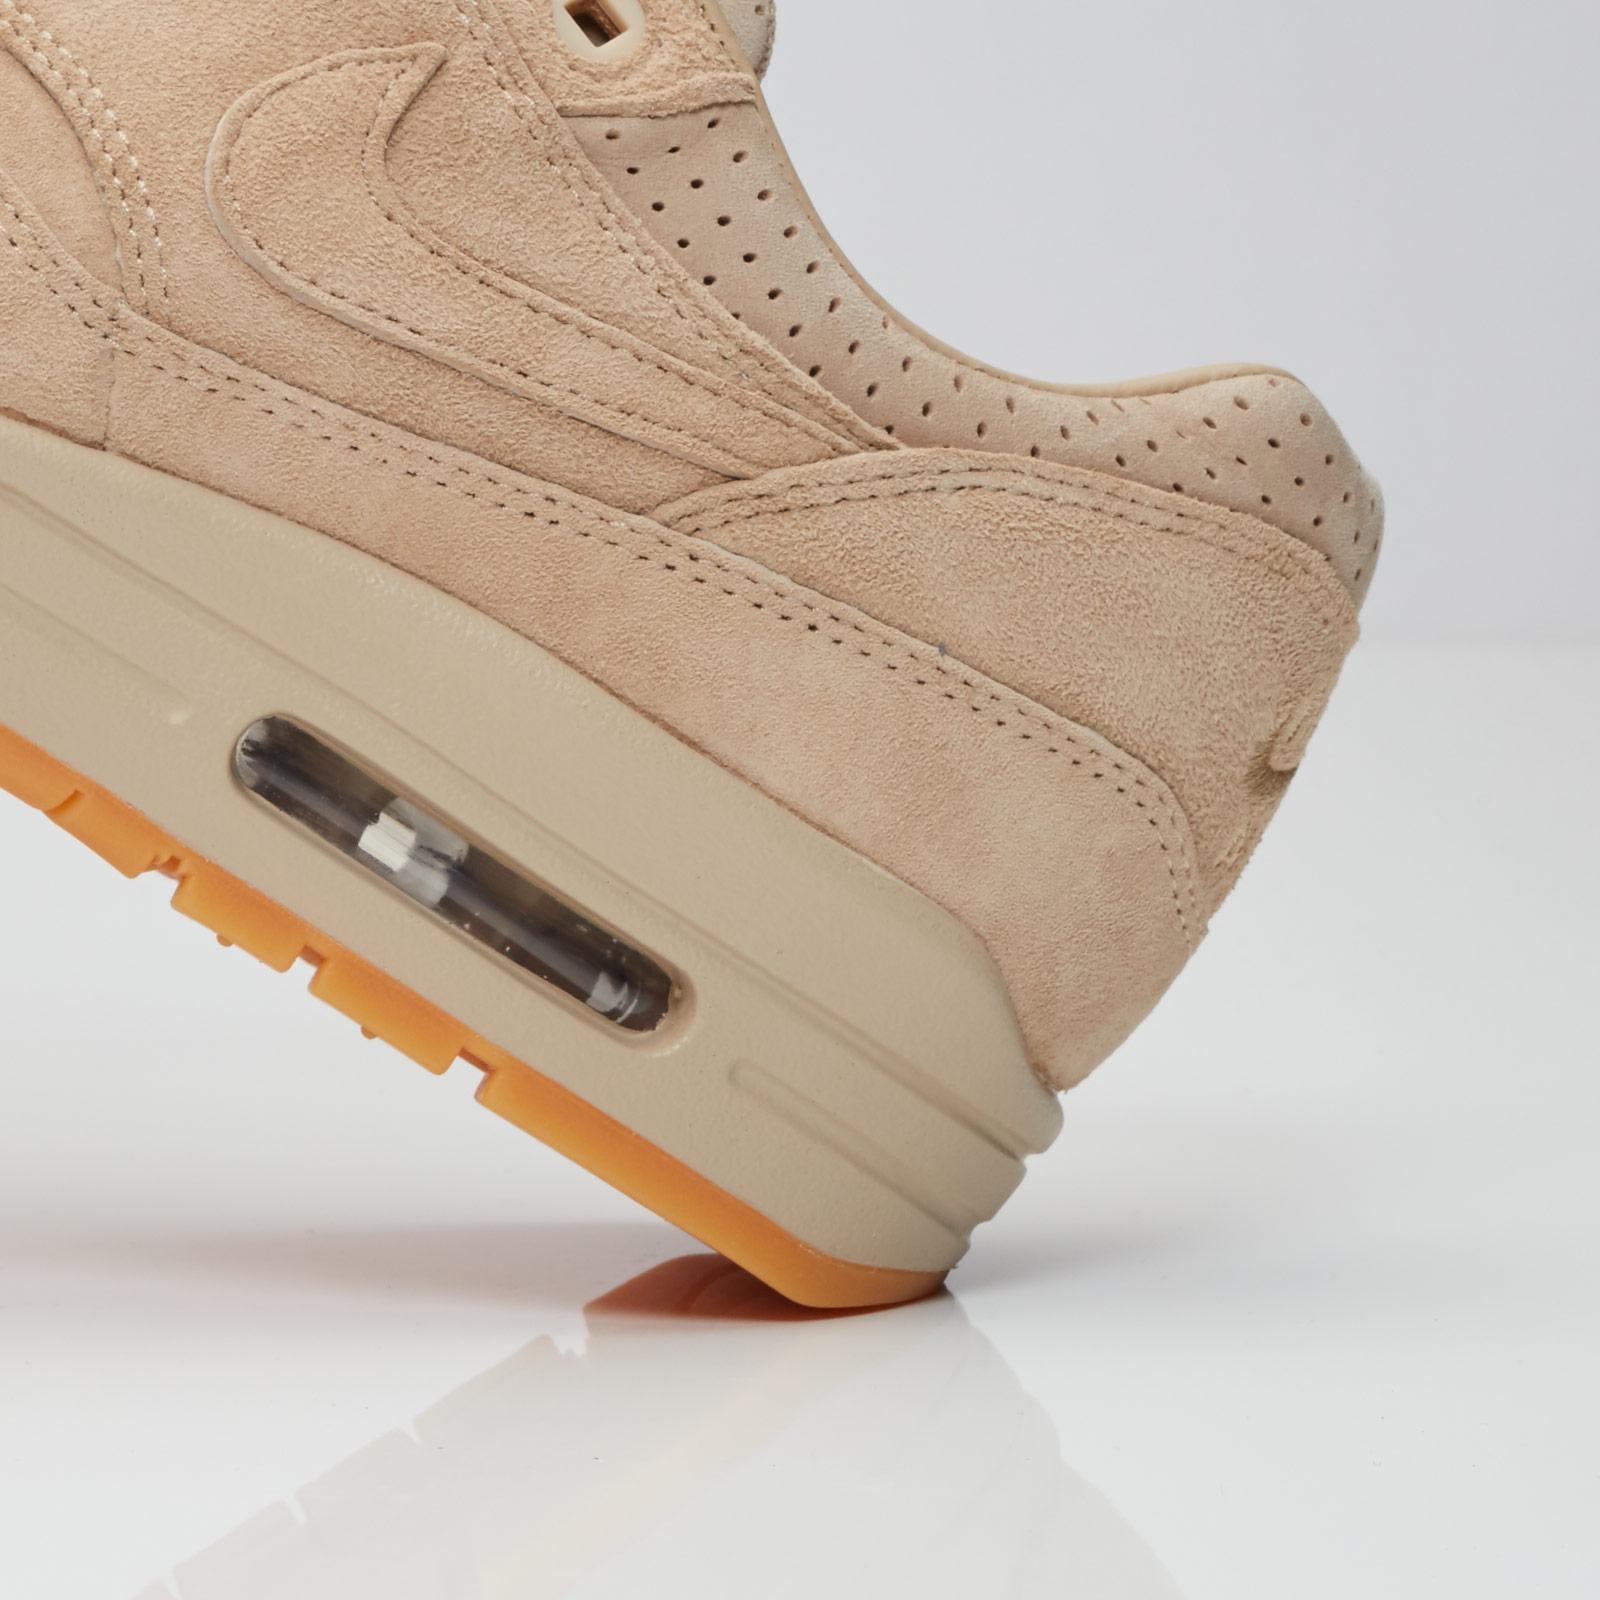 621b66a8ae Nike Wmns Air Max 1 Pinnacle - 839608-200 - Sneakersnstuff | sneakers &  streetwear online since 1999